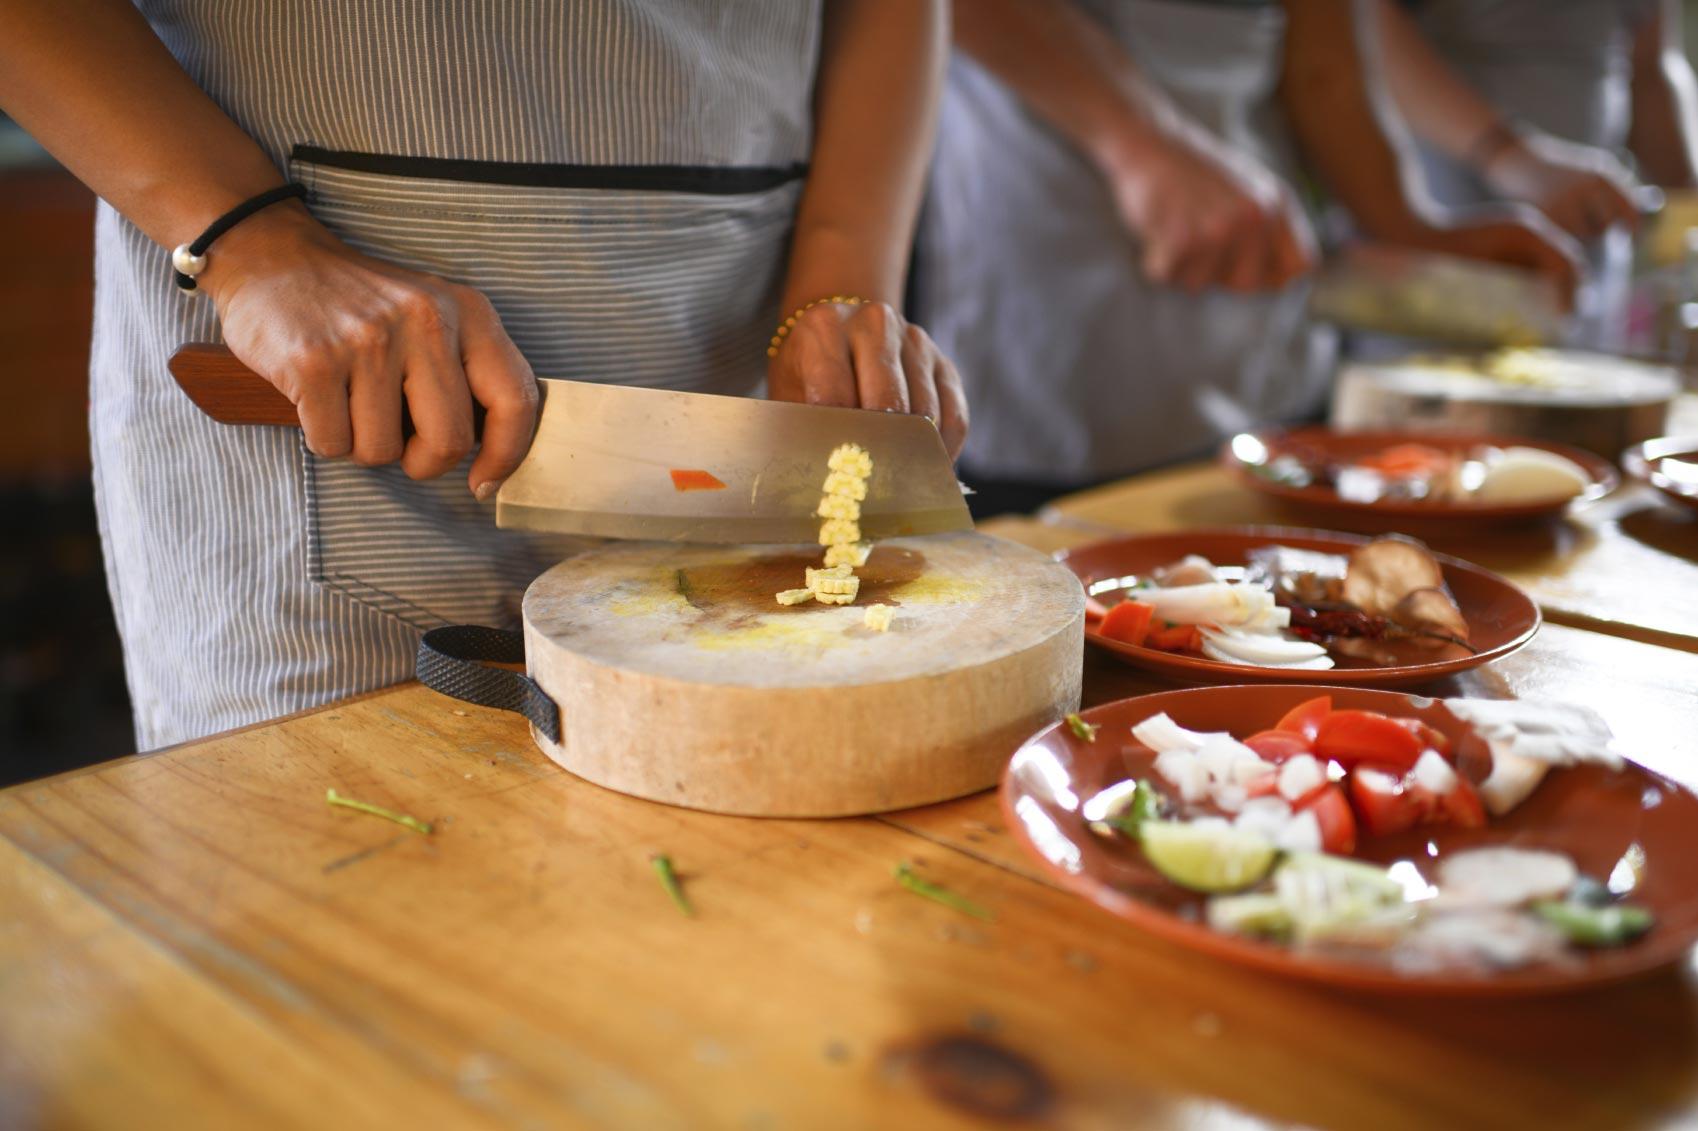 Fazer um curso de culinaria